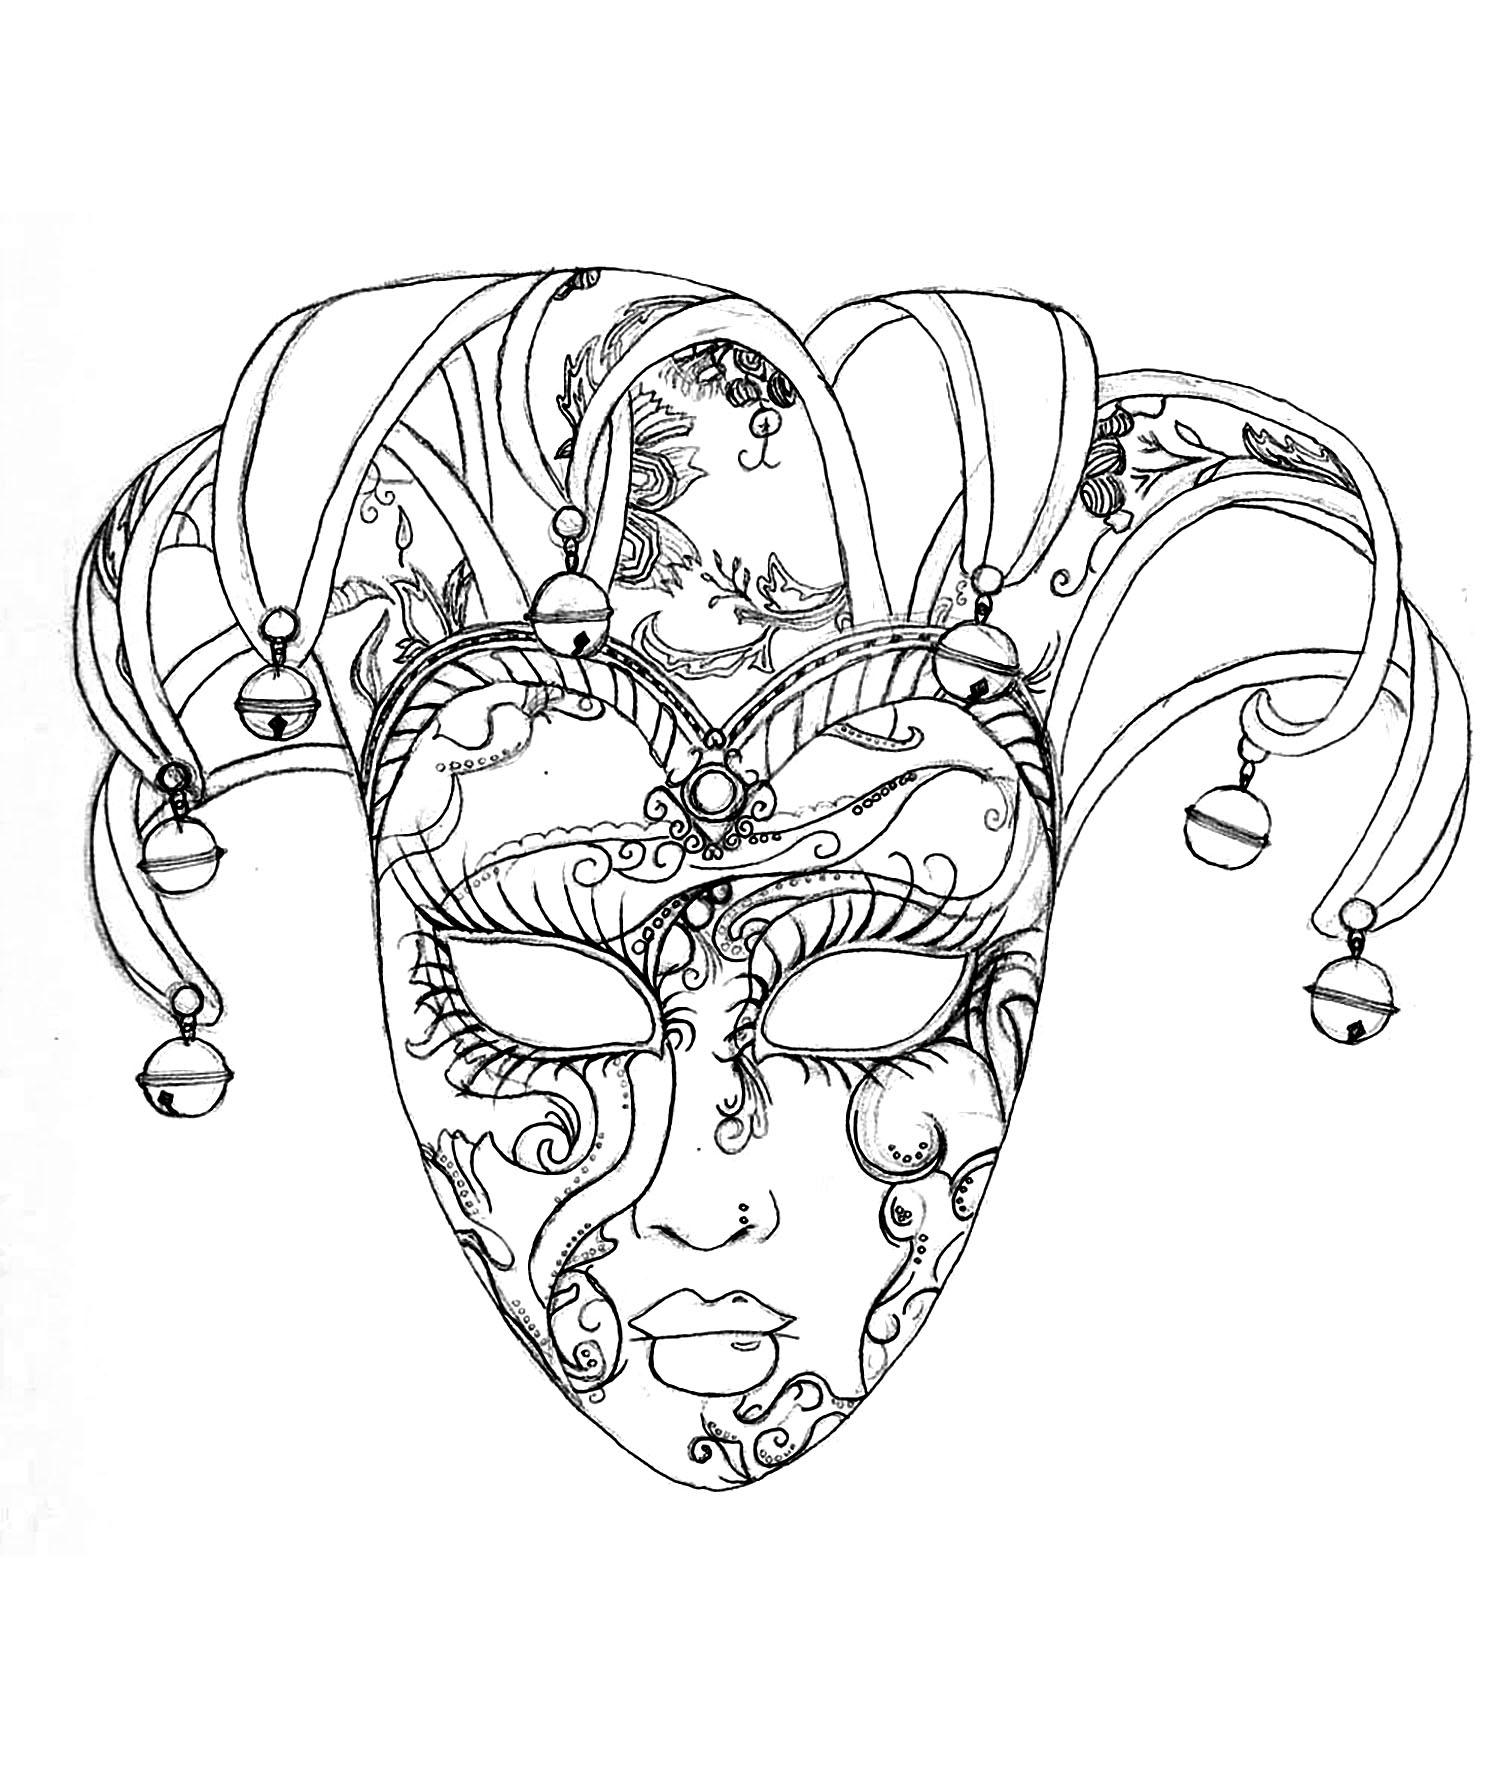 Masque Du Carnaval De Venise - Fêtes - Coloriages Difficiles concernant Coloriage De Carnaval A Imprimer Gratuit